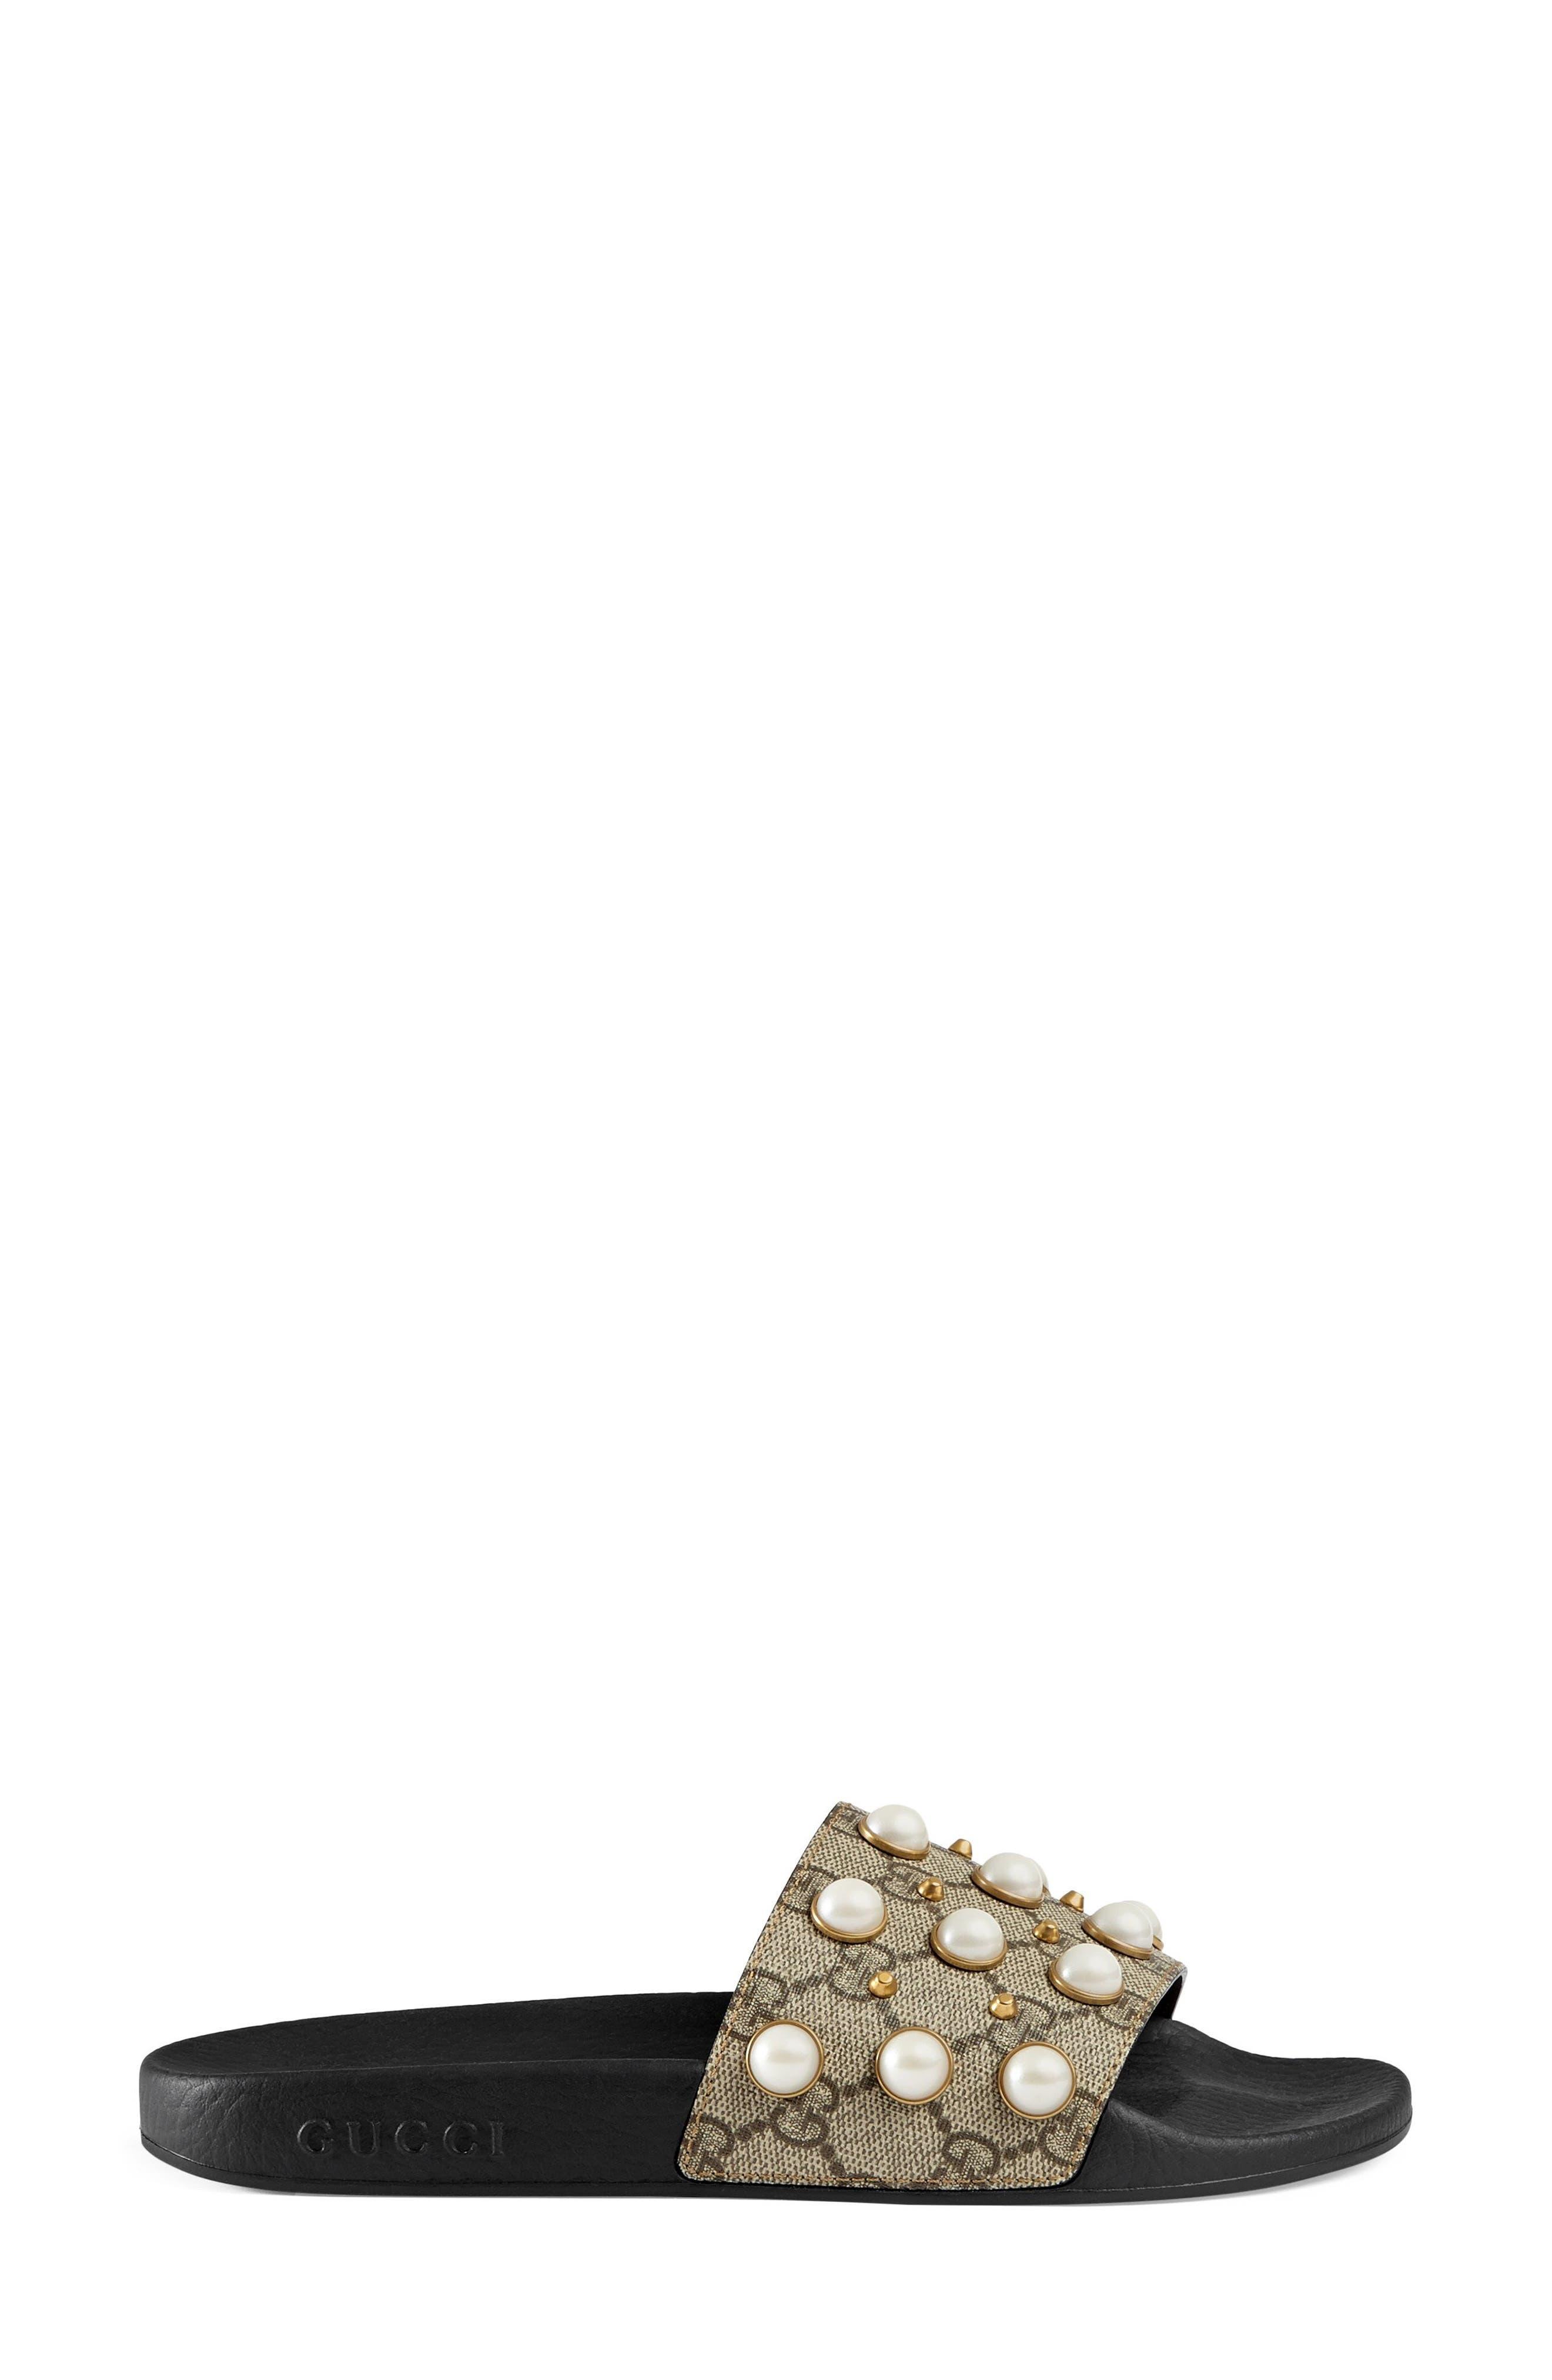 Alternate Image 1 Selected - Gucci Pursuit Imitation Pearl Embellished Slide Sandal (Women)